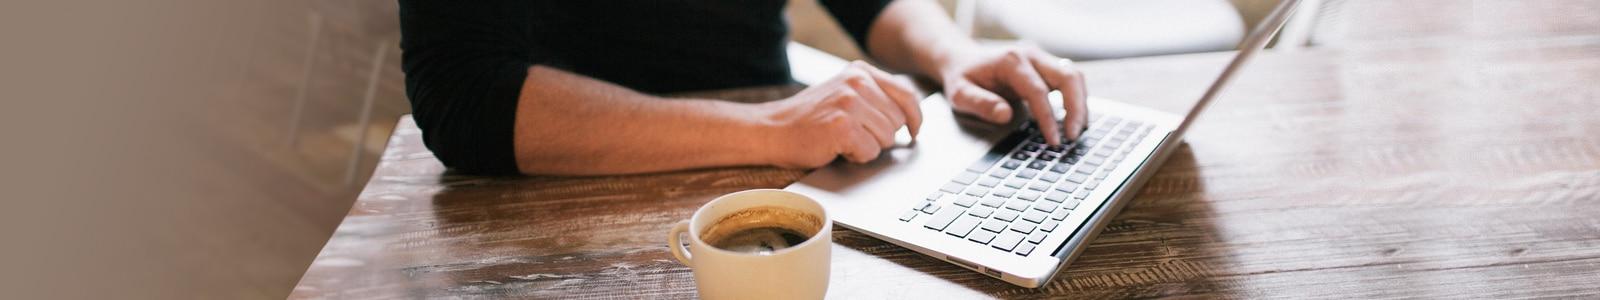 Sc sg pc business articles